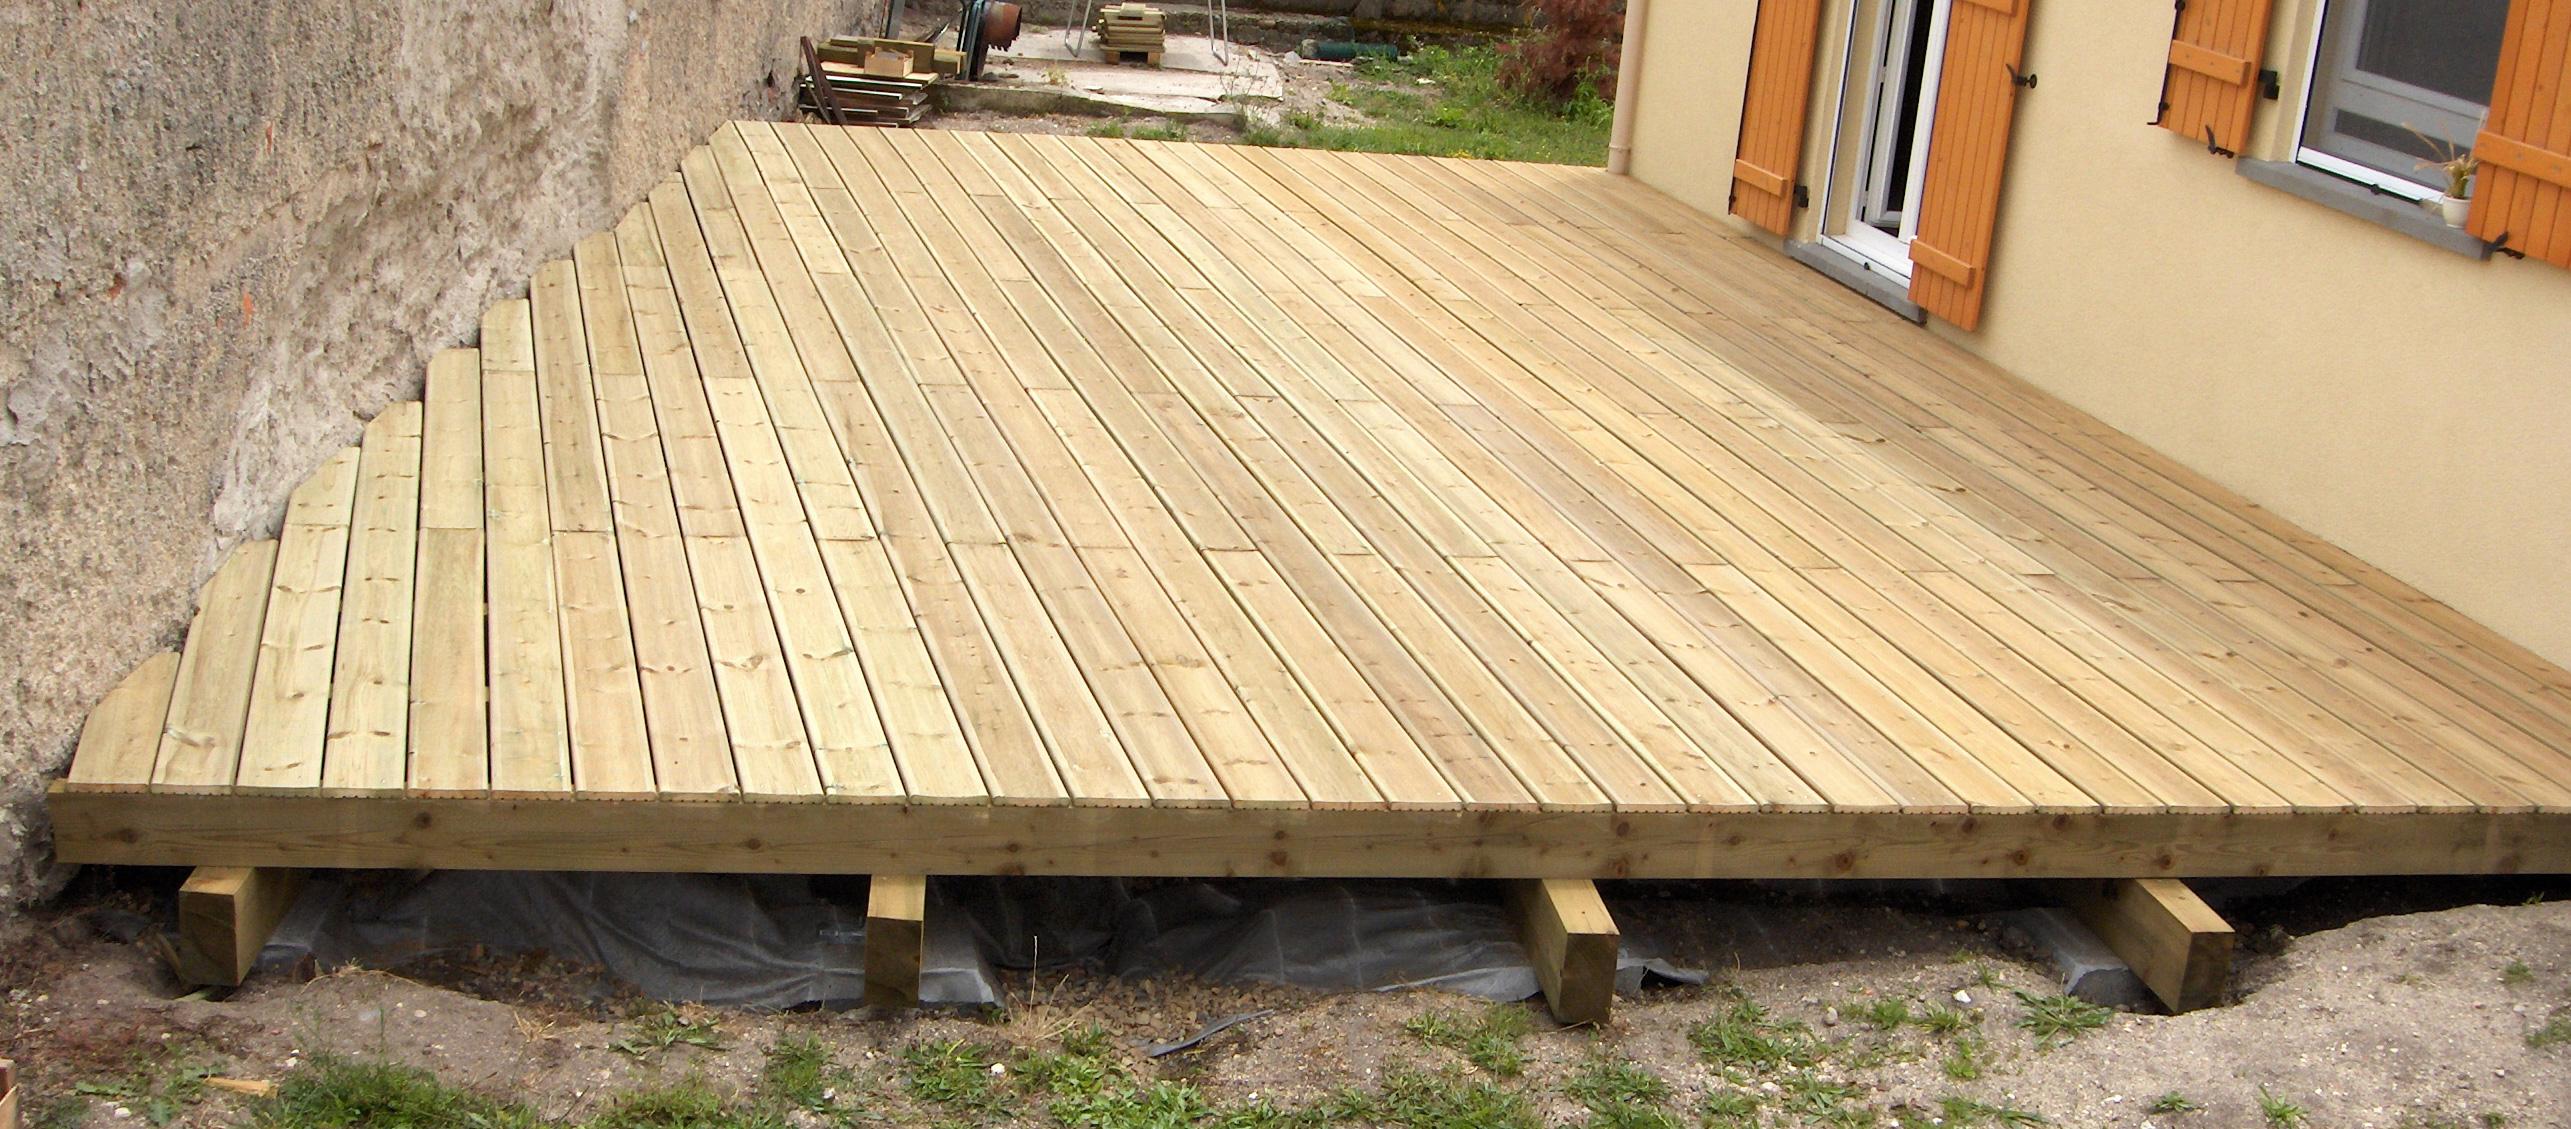 Sos design conseils id es et plans gratuits de meubles for Modele de terrasse en bois